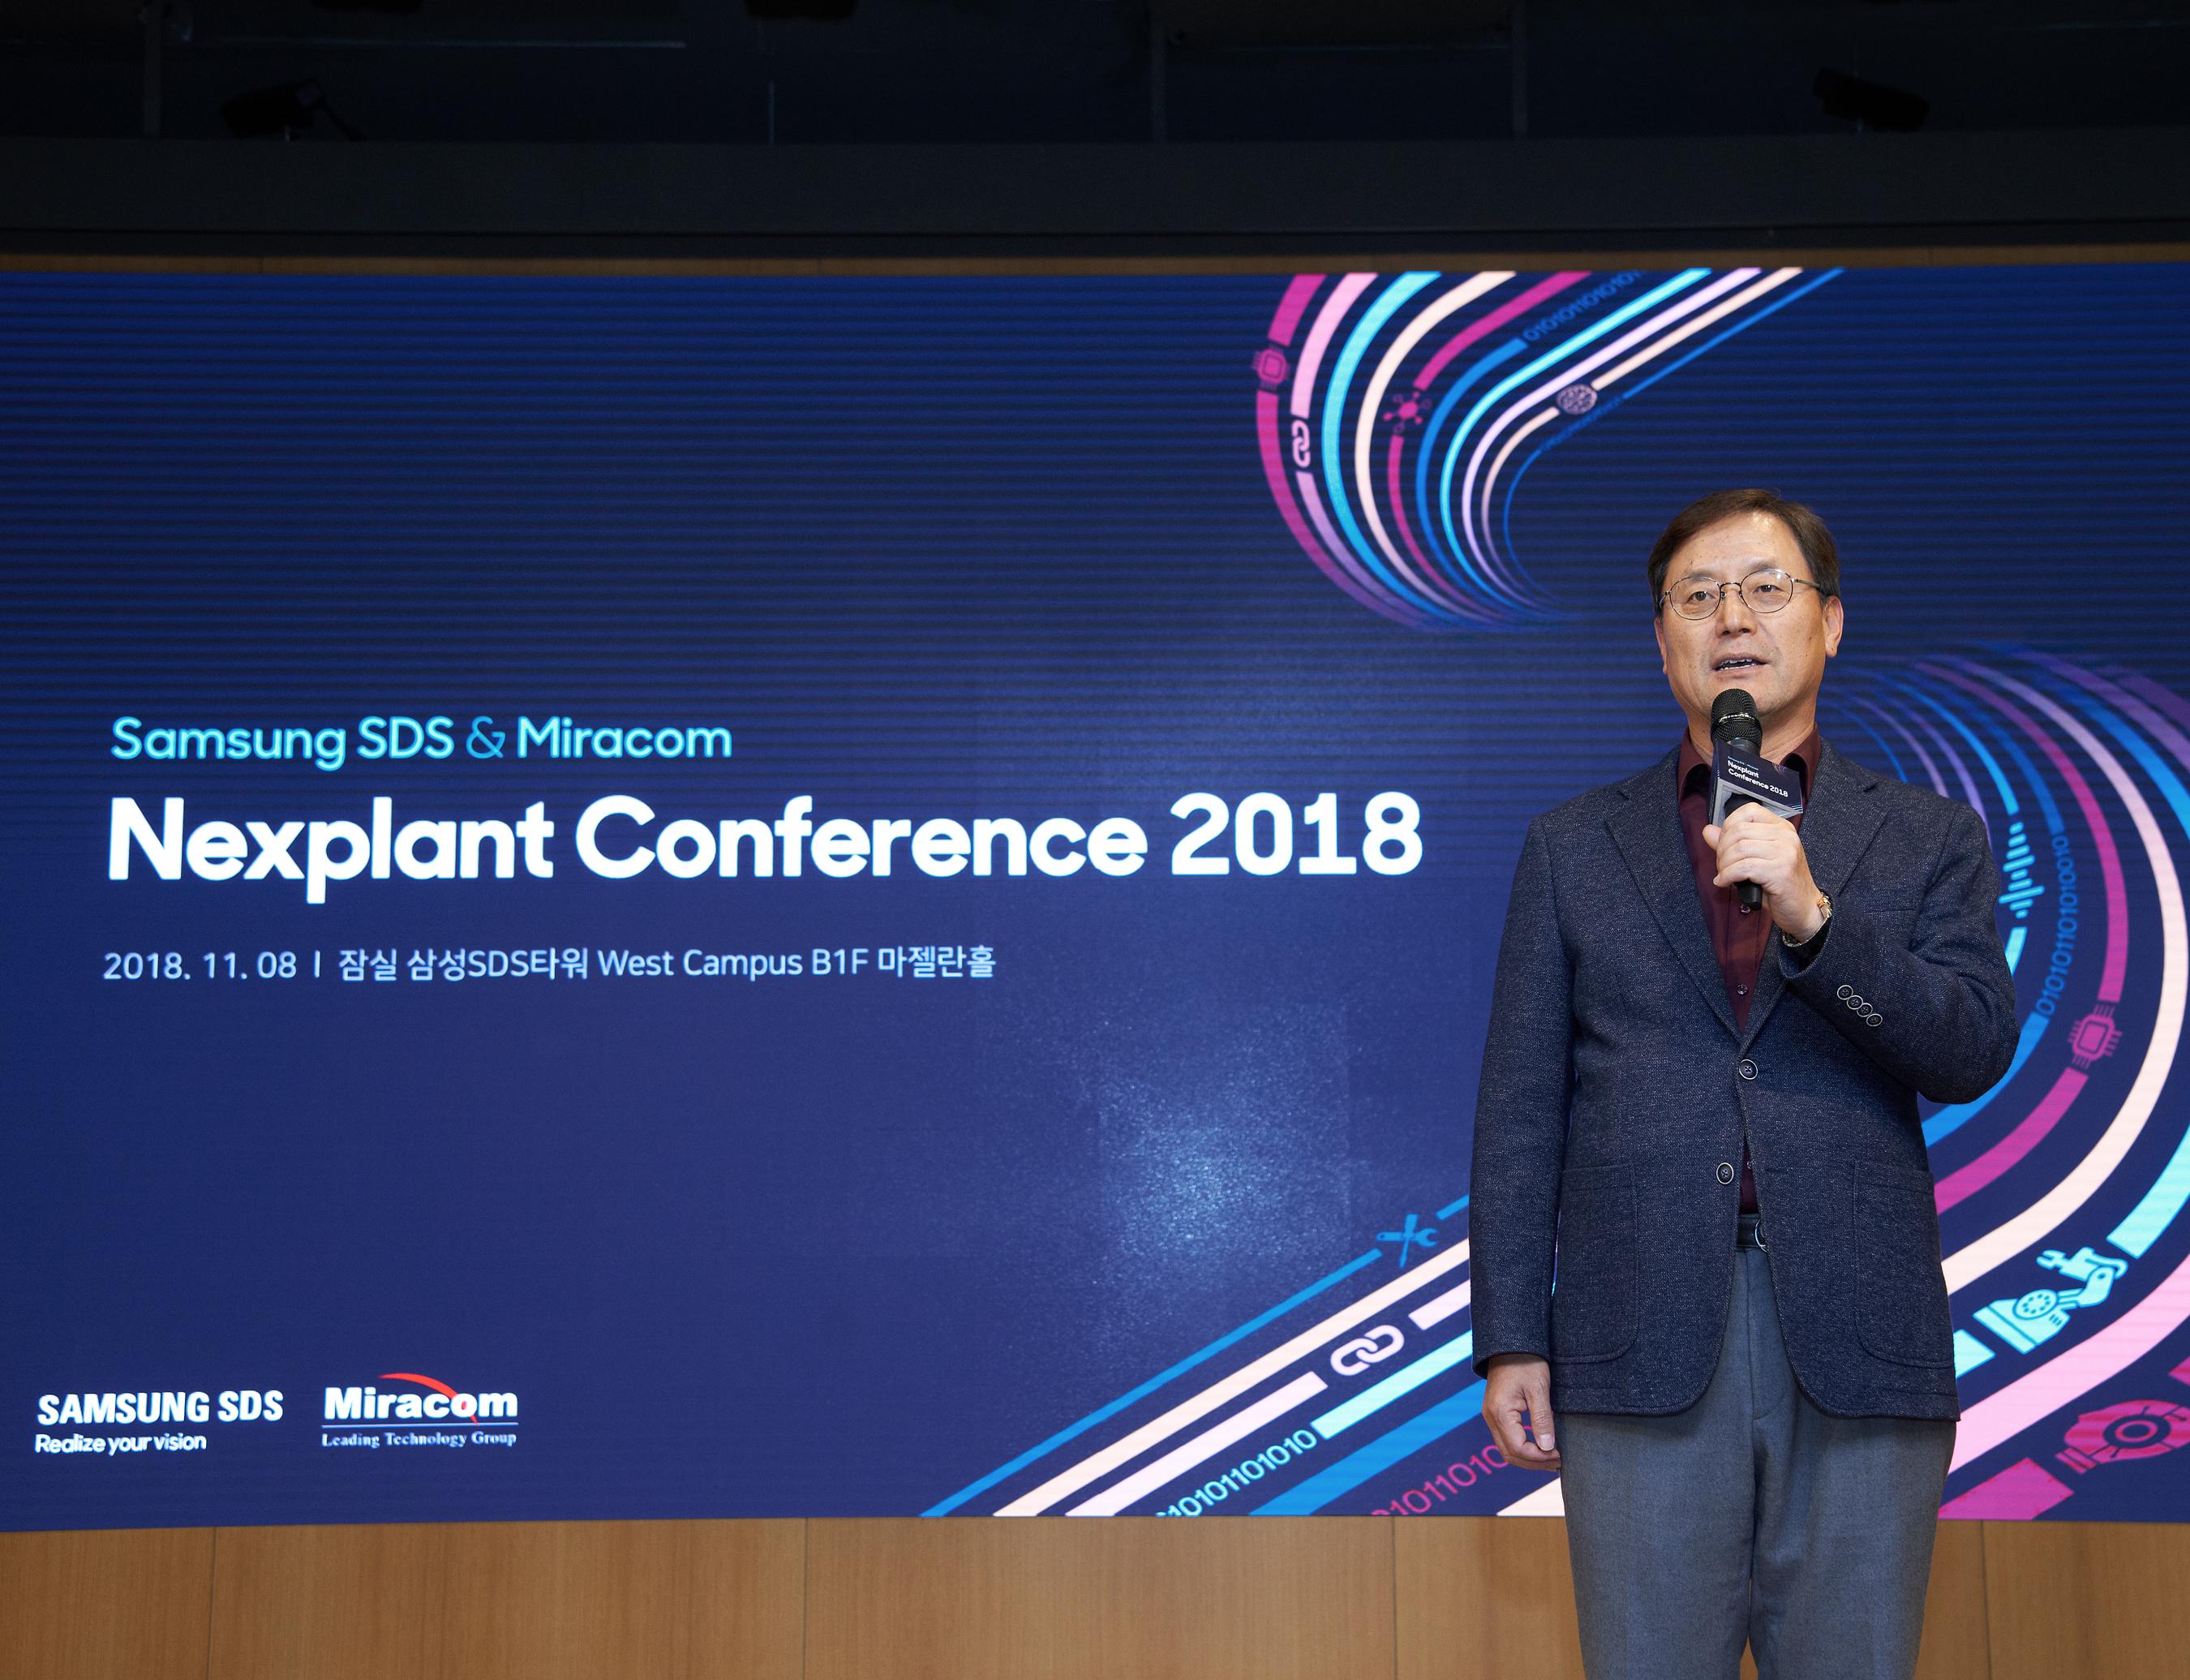 11월 8일 잠실 삼성SDS타워에서 개최된 '넥스플랜트(Nexplant™) Conference 2018'행사에서 미라콤아이앤씨 조항기 대표이사가 인사말을 하고 있다.